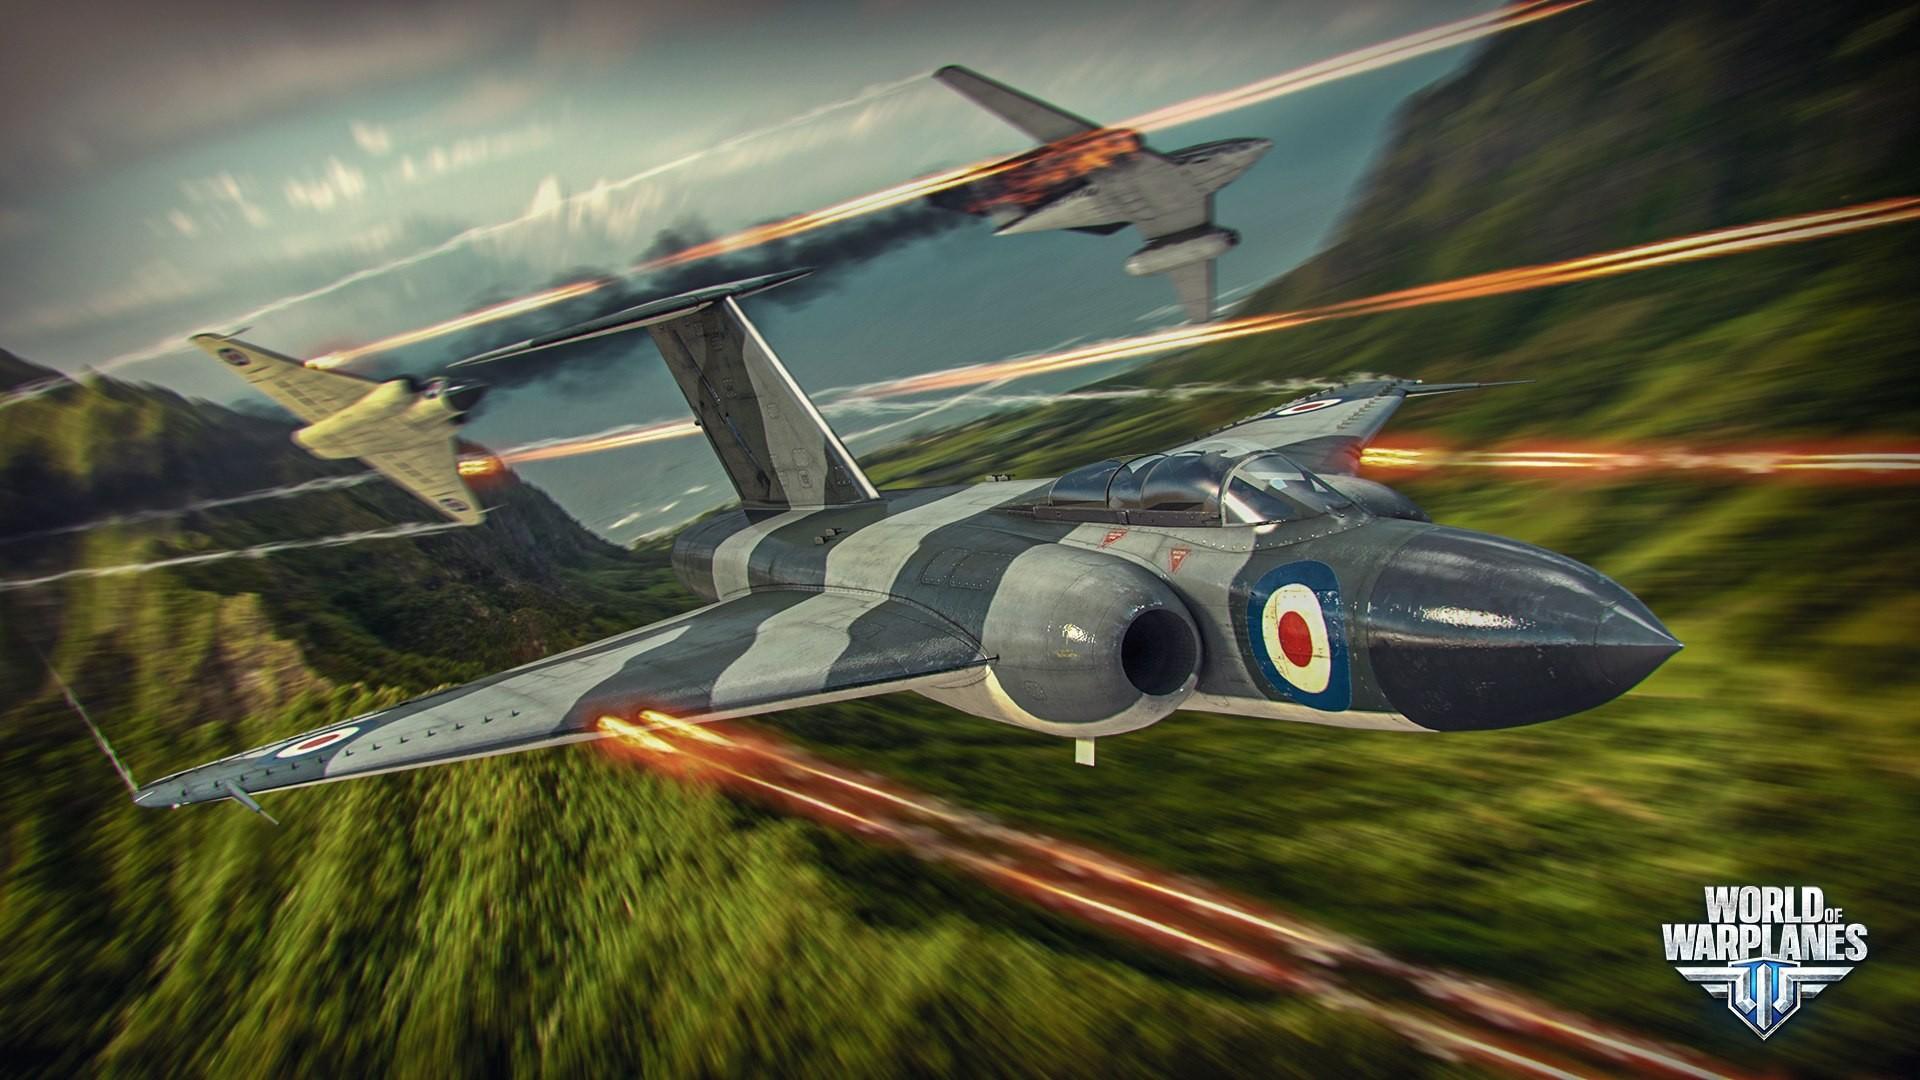 Fondos De Vehiculos: Fondos De Pantalla Videojuegos Vehículo Avión Aeronave Juego